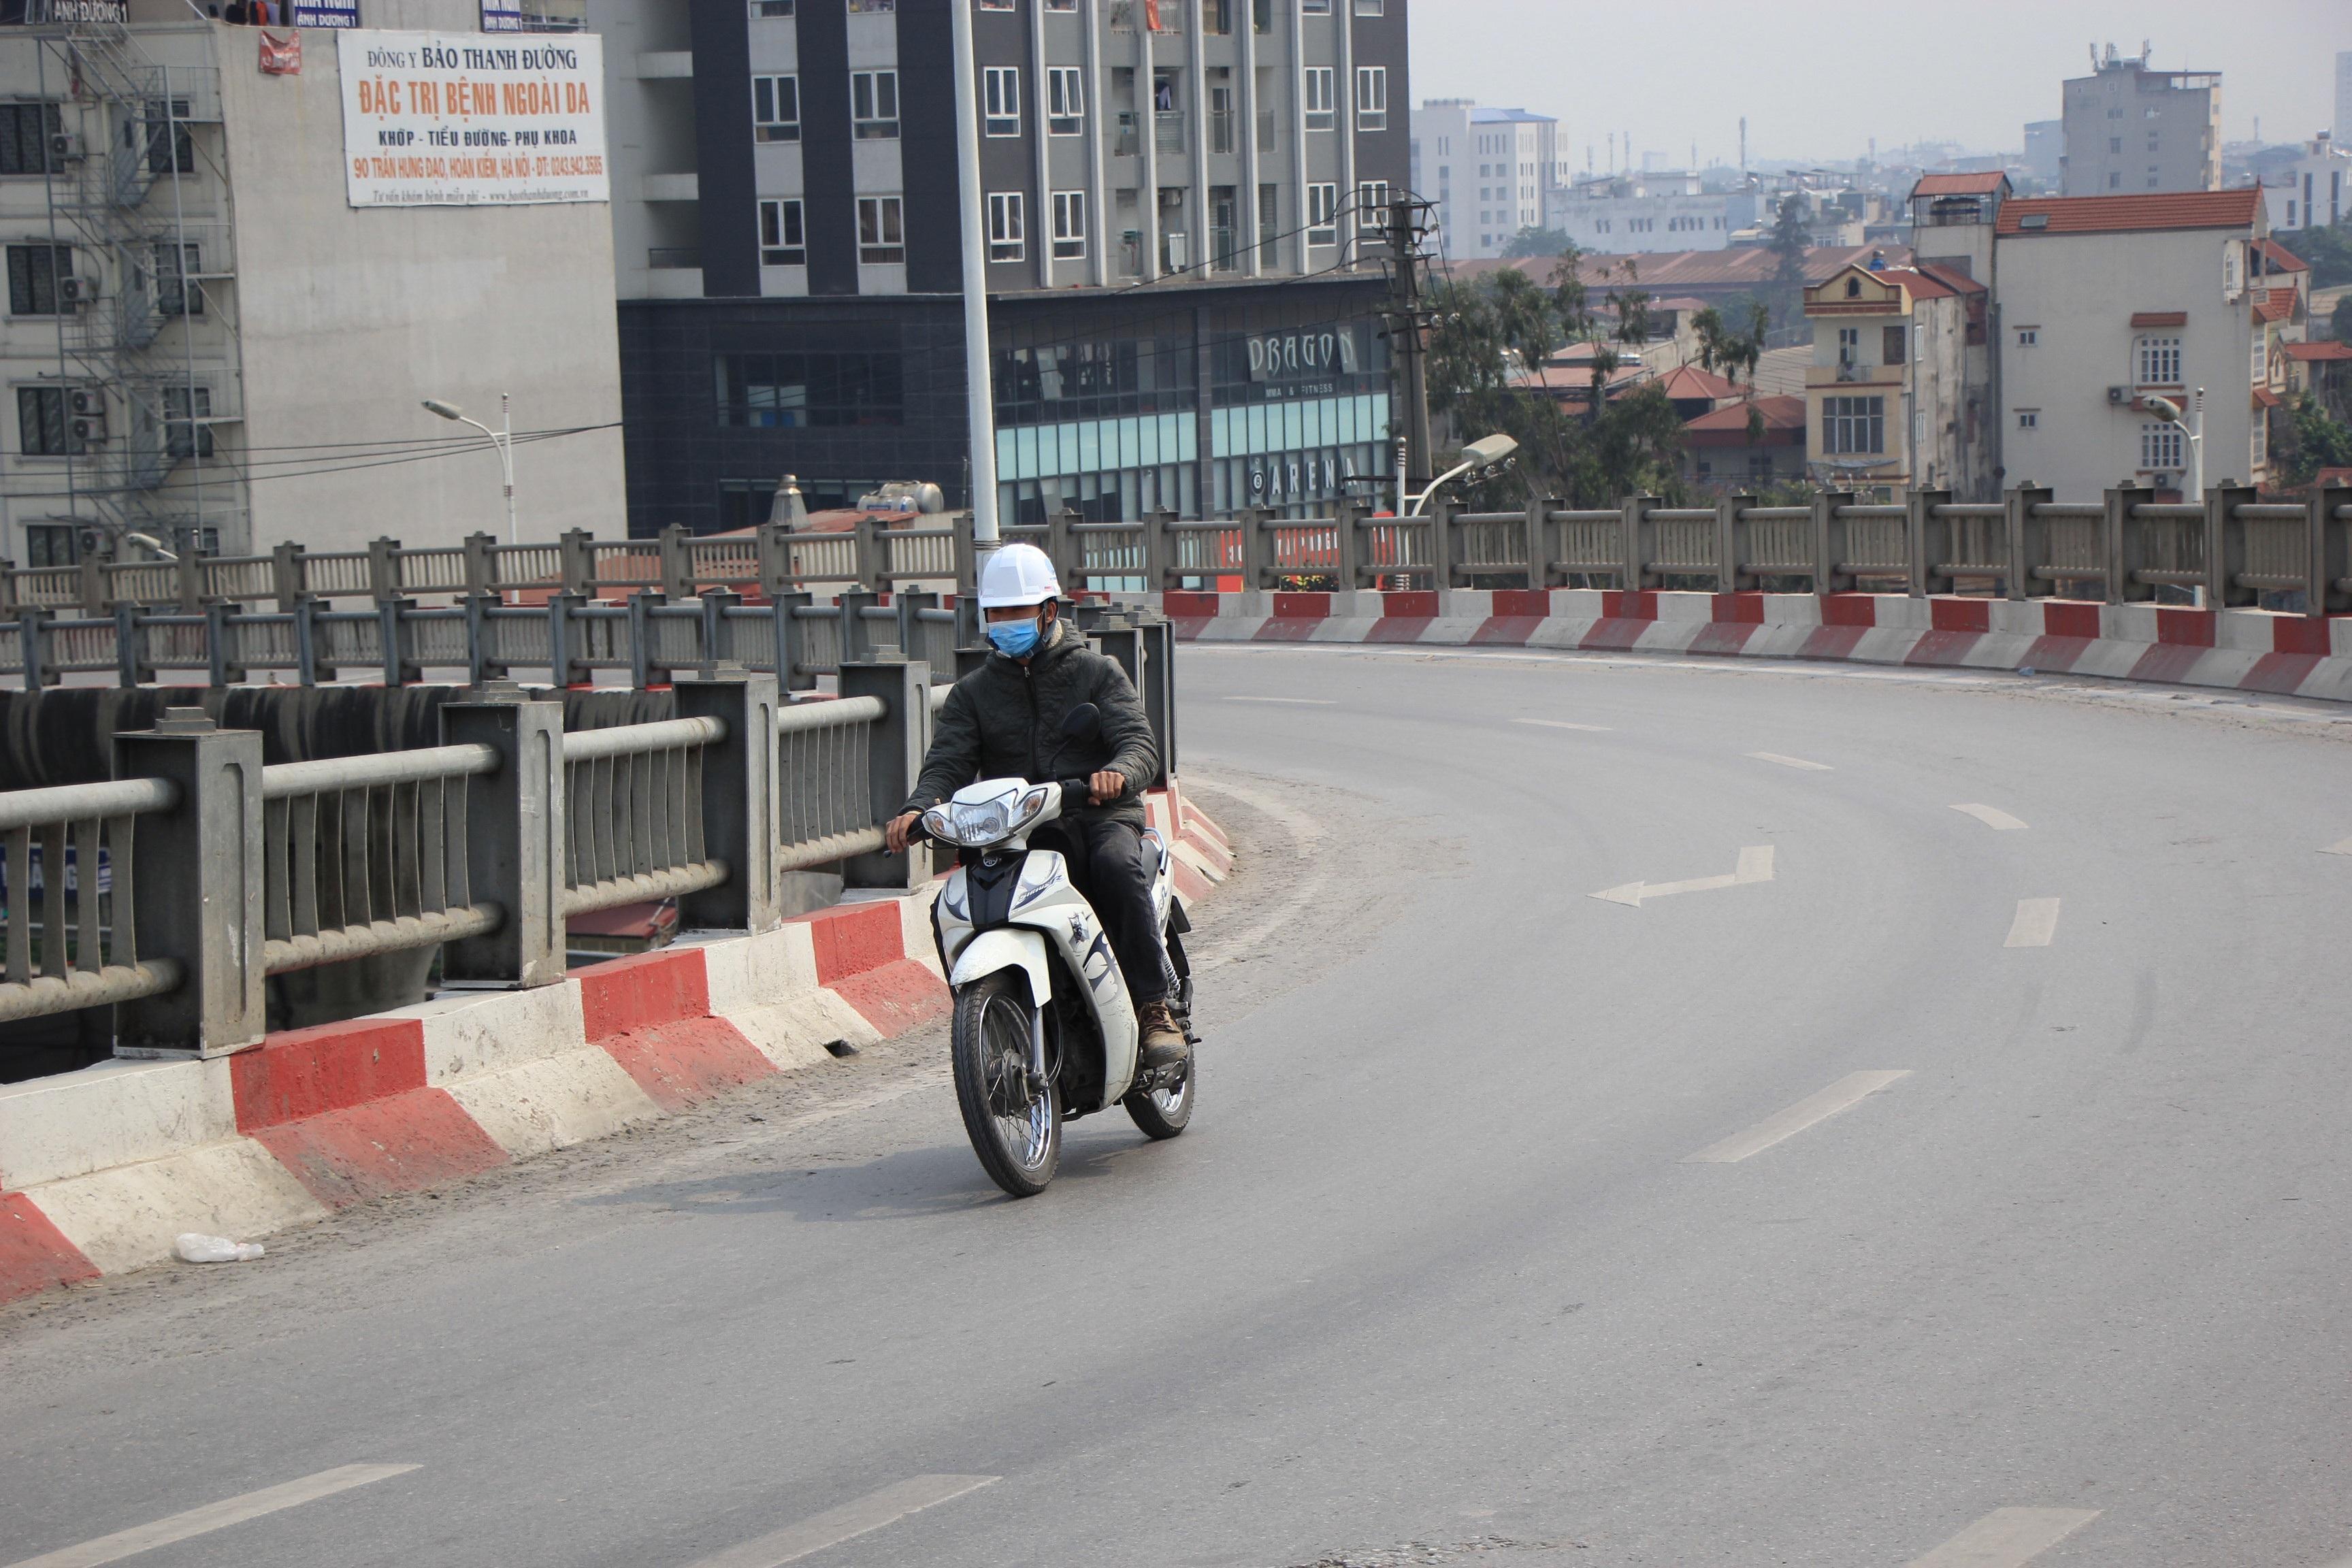 Toàn cảnh giao thông cầu Vĩnh Tuy trước khi xây cầu Vĩnh Tuy 2 - 14